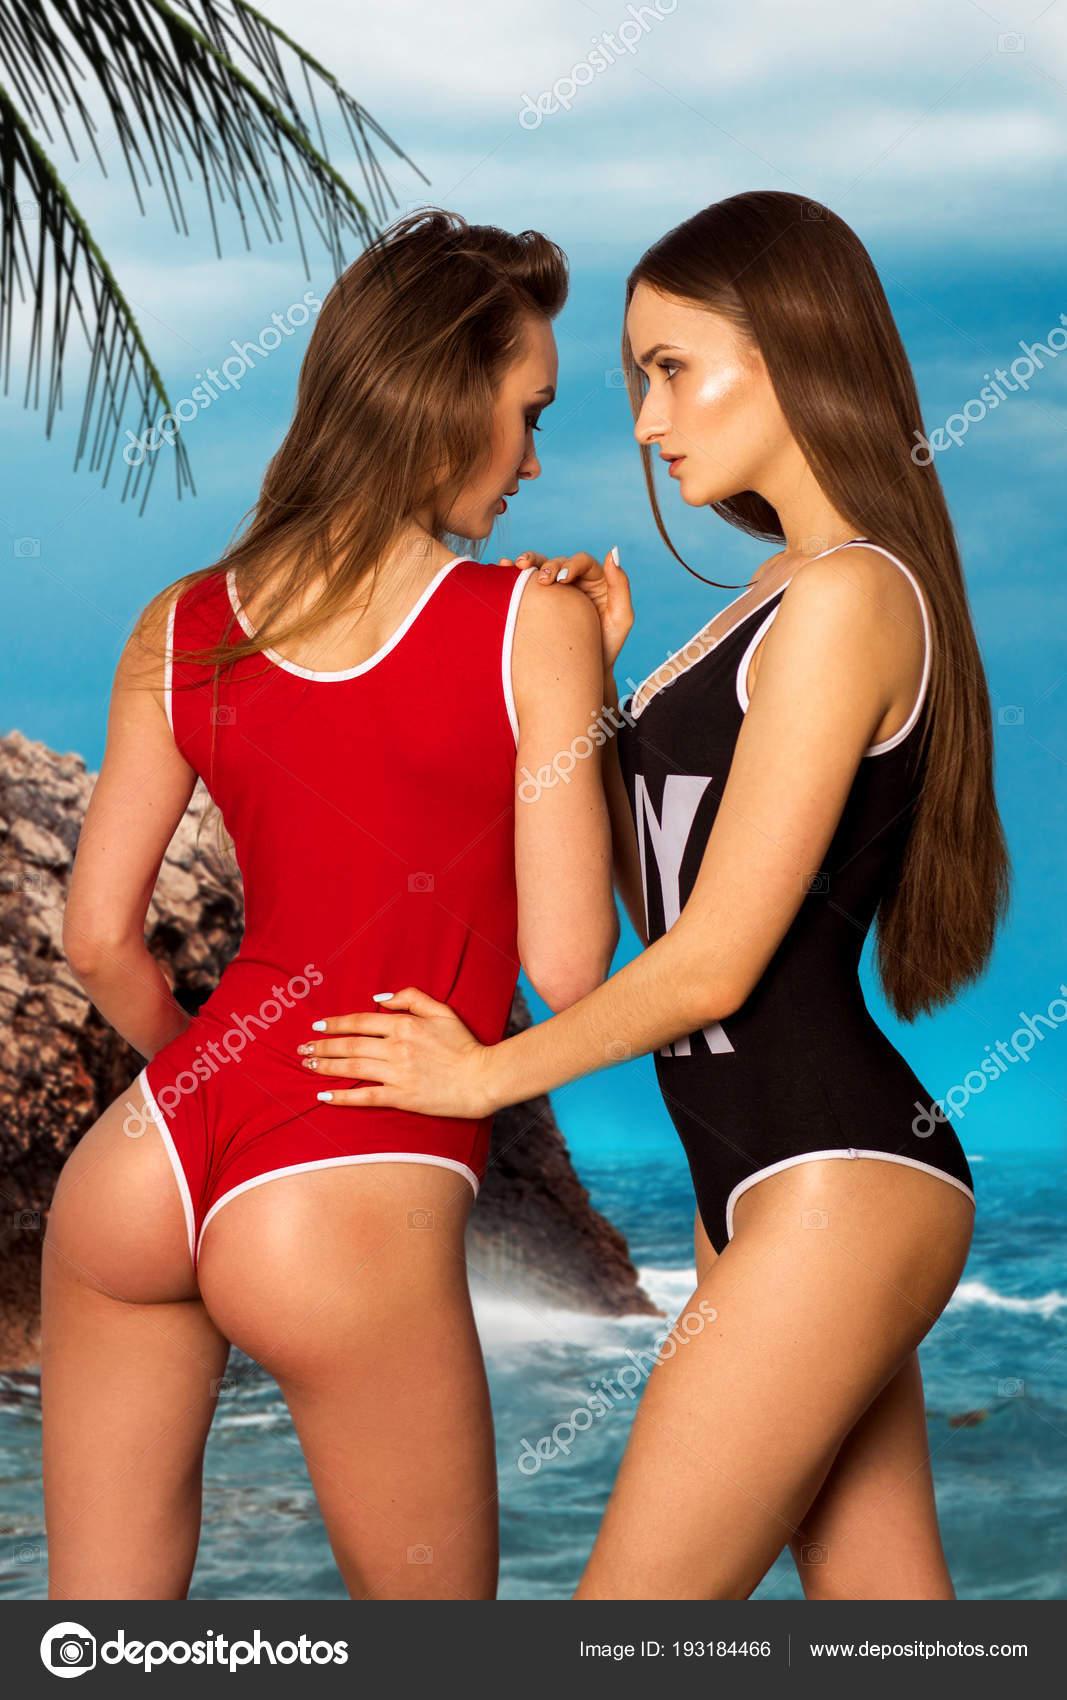 Καυτά γυμνή κυρίες εικόνες